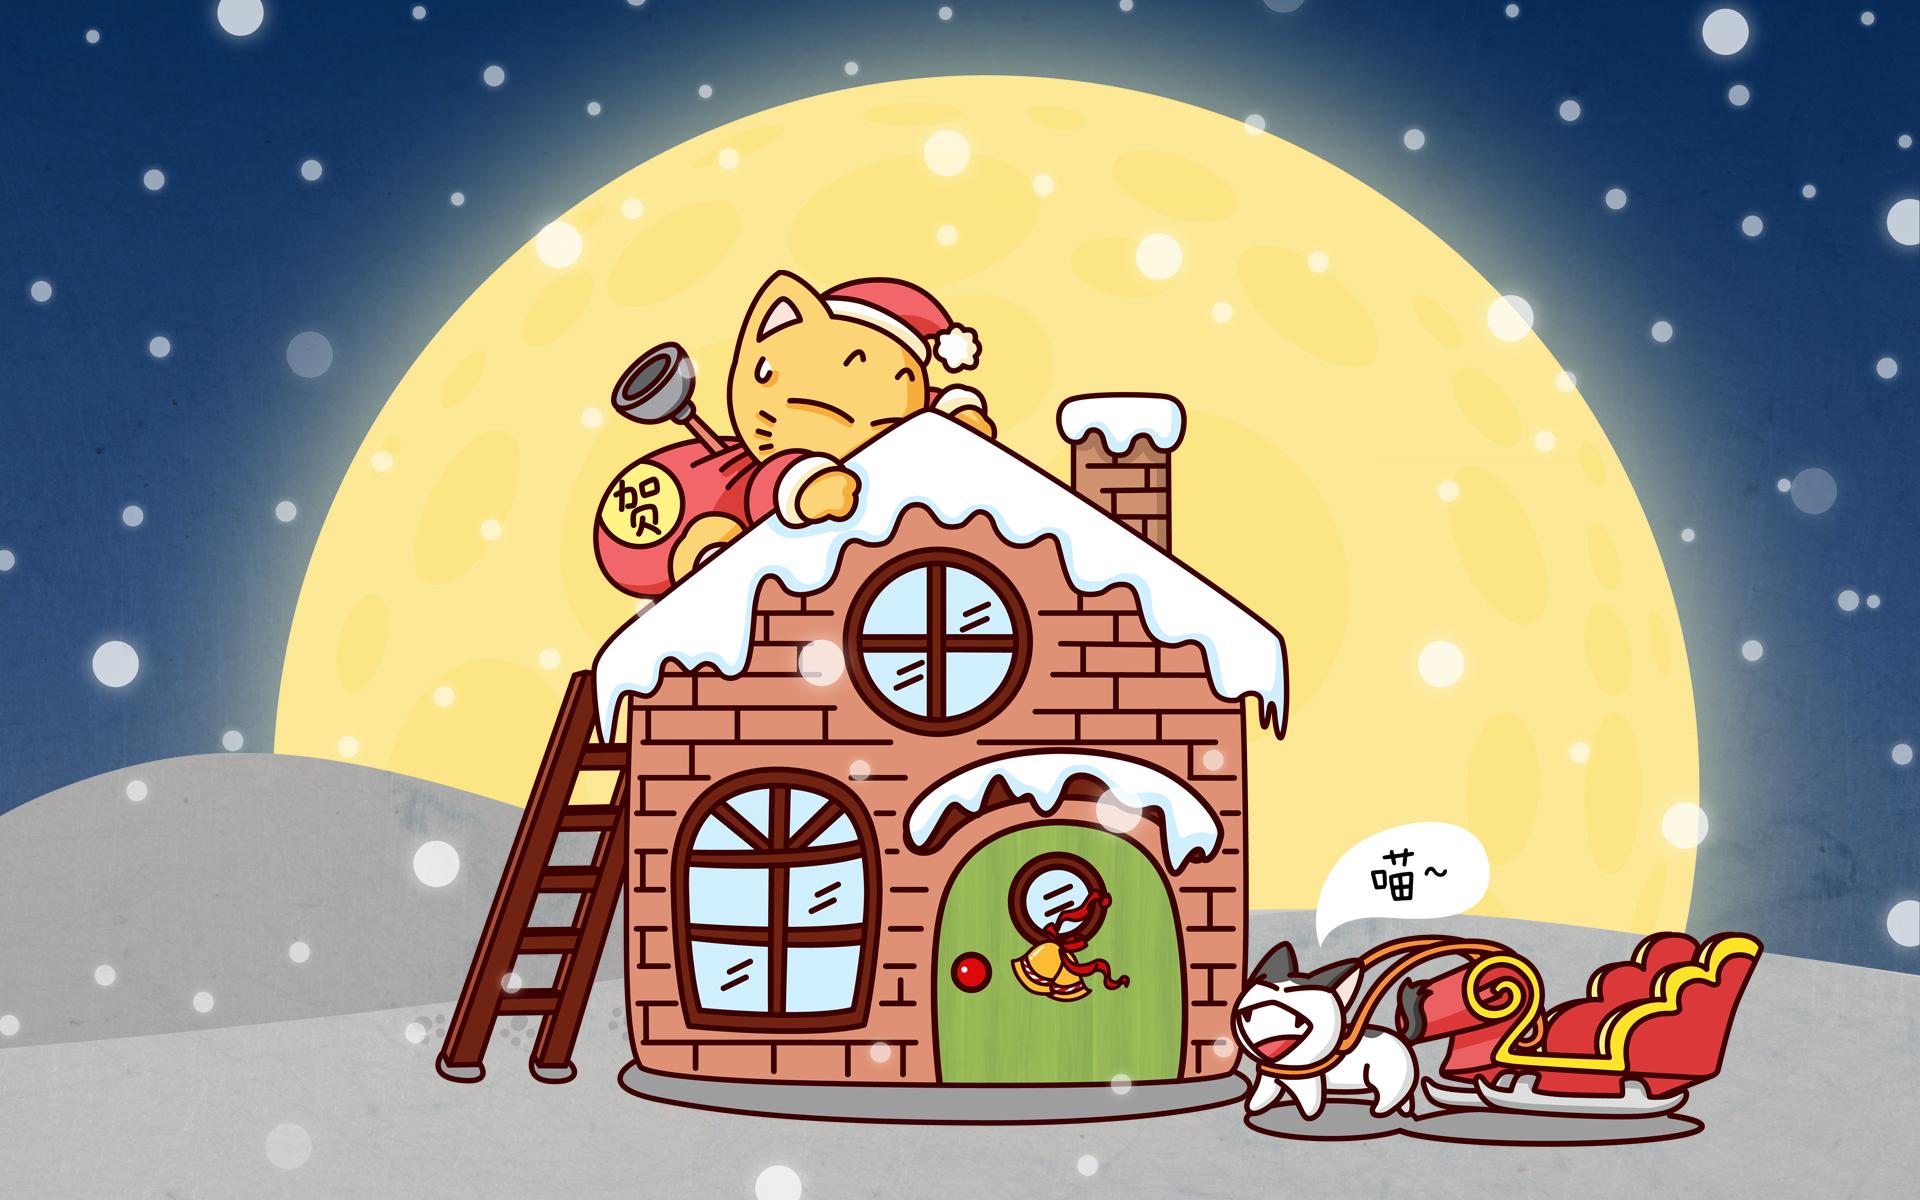 可爱圣诞节卡通PPT背景图片免费下载是由PPT宝藏(www.pptbz.com)会员zengmin上传推荐的节日PPT背景图片, 更新时间为2016-11-02,素材编号109965。 2012年,在全球经济不景气的情况下,全球的圣诞经济并不乐观。虽然较平常确有不小幅度的升温,但远远低于历史水平。尤其是类似希腊这样陷入债务危机的国家,经济本身并没有复苏,购物的人们只能转转无奈离去。英国、加拿大、新加坡、美国等国由于经济好转,在商家的大力促销下圣诞经济快速回升.